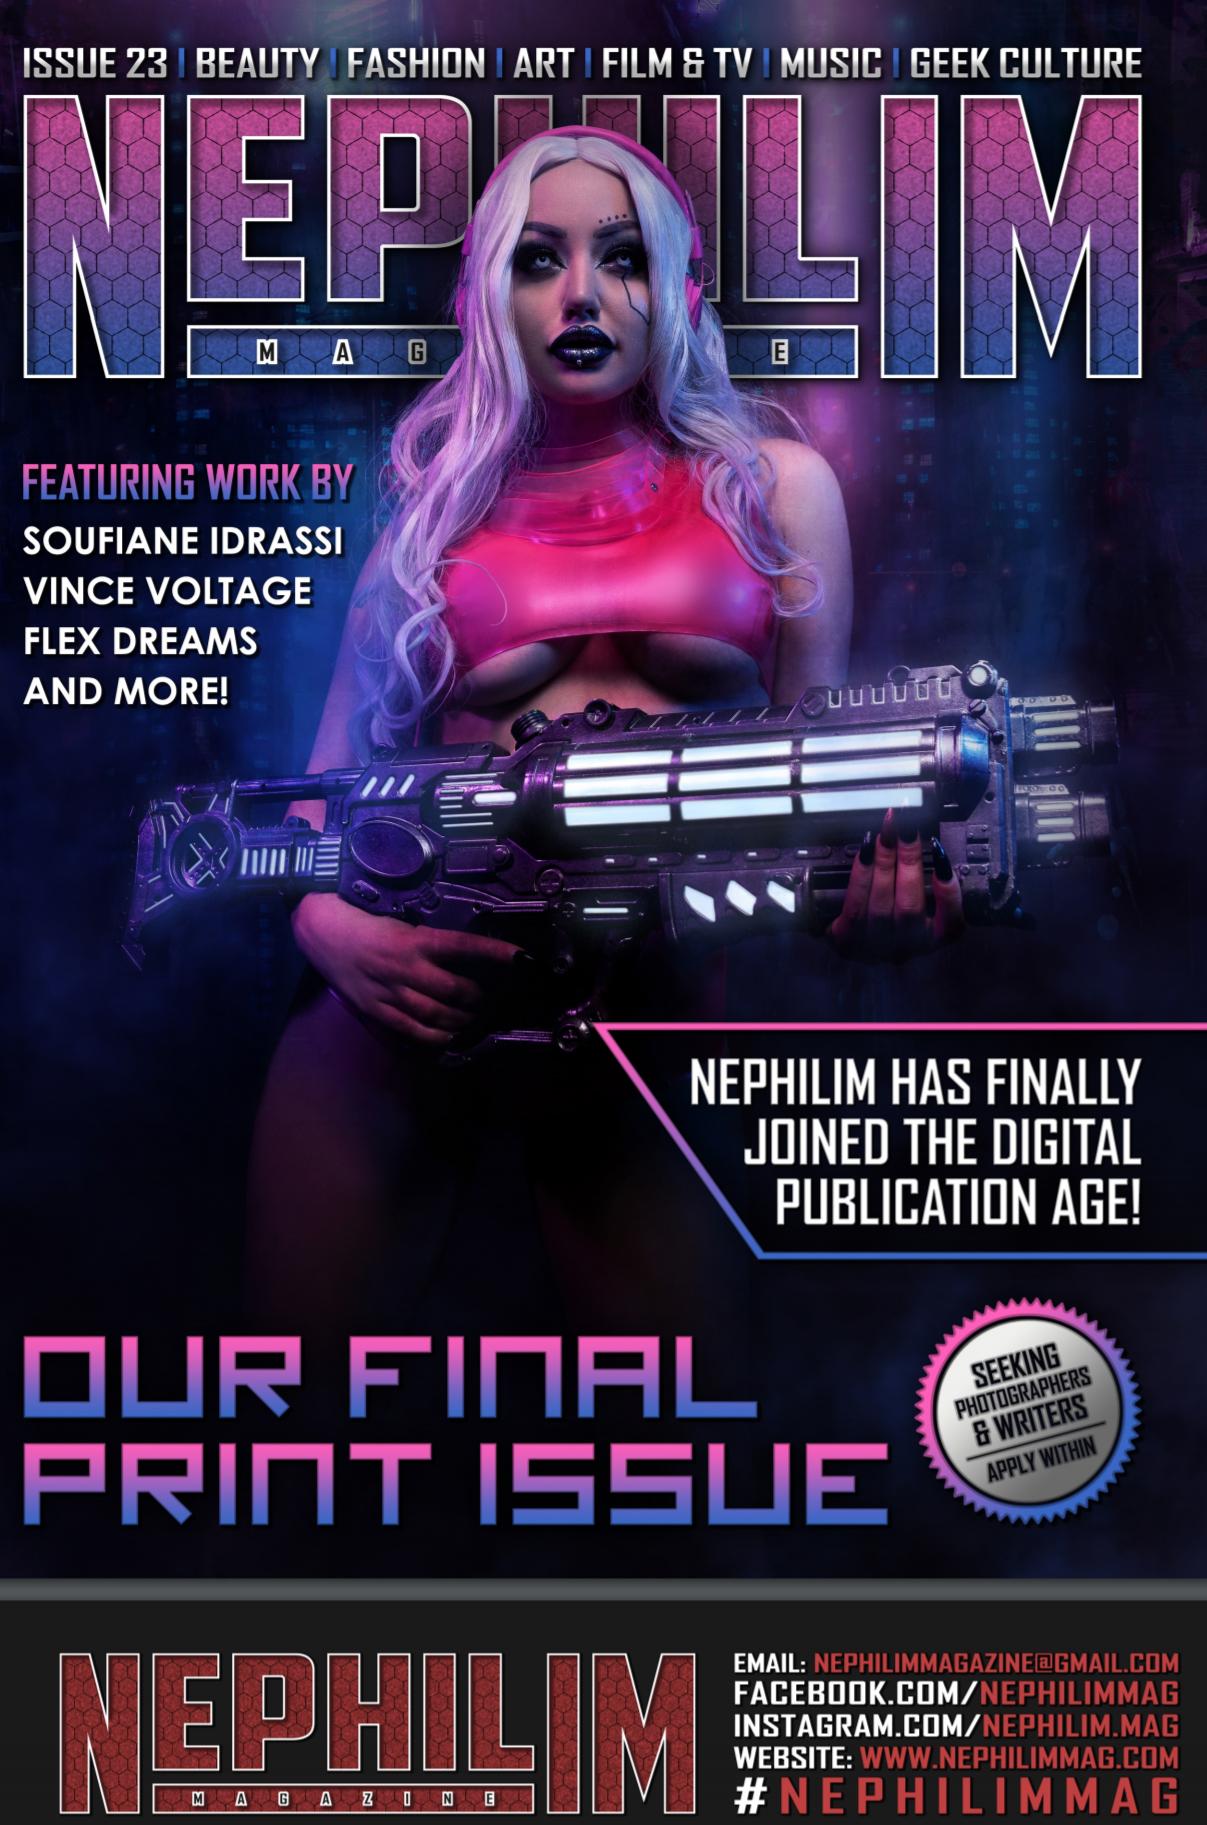 Nephilim March 2020 Cover